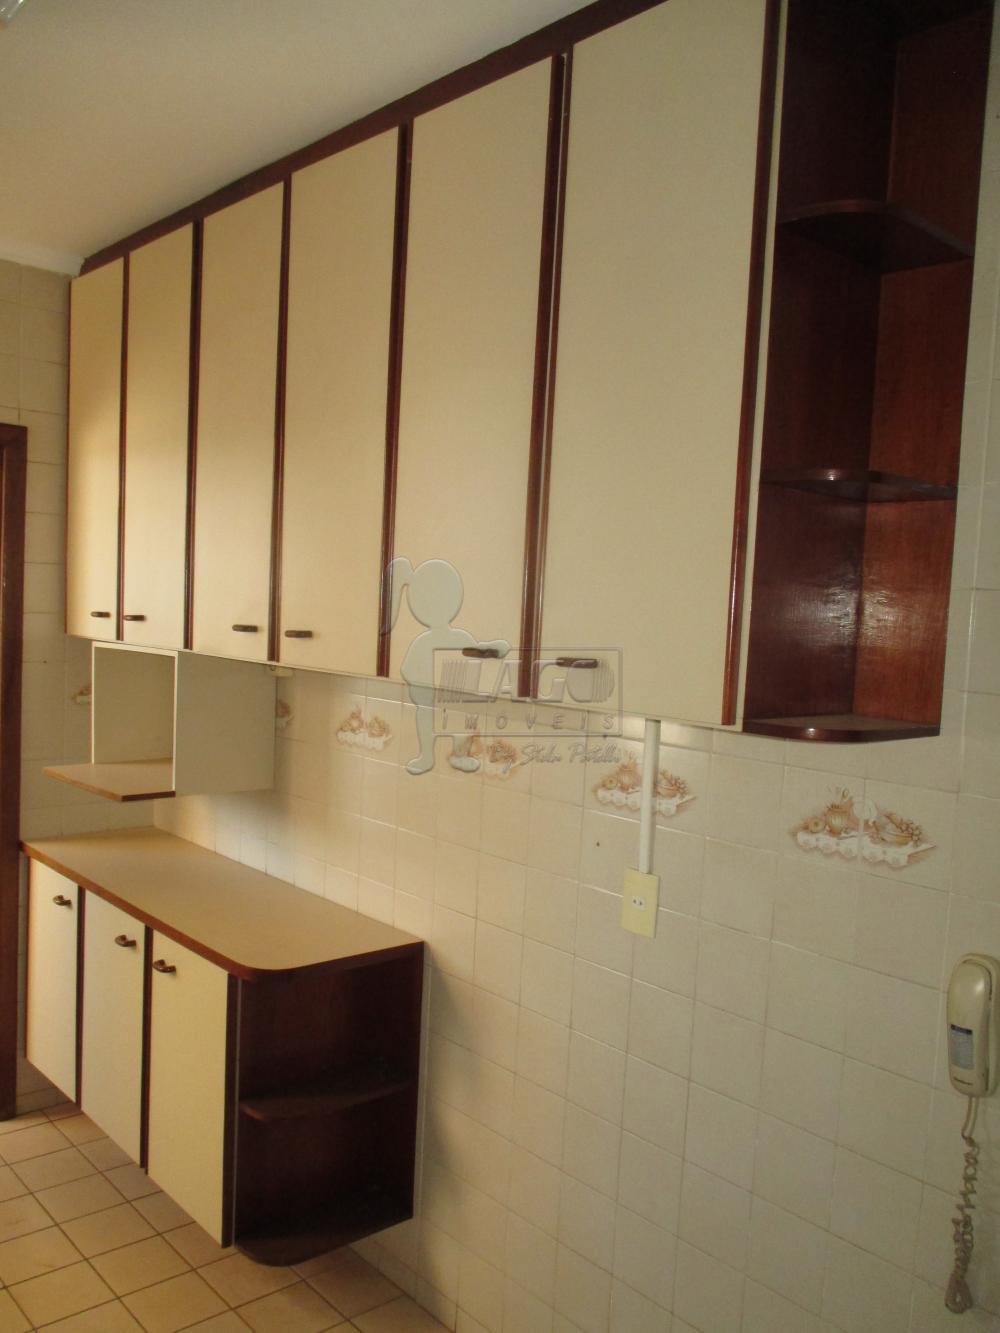 Comprar Apartamento / Padrão em Ribeirão Preto apenas R$ 371.000,00 - Foto 4